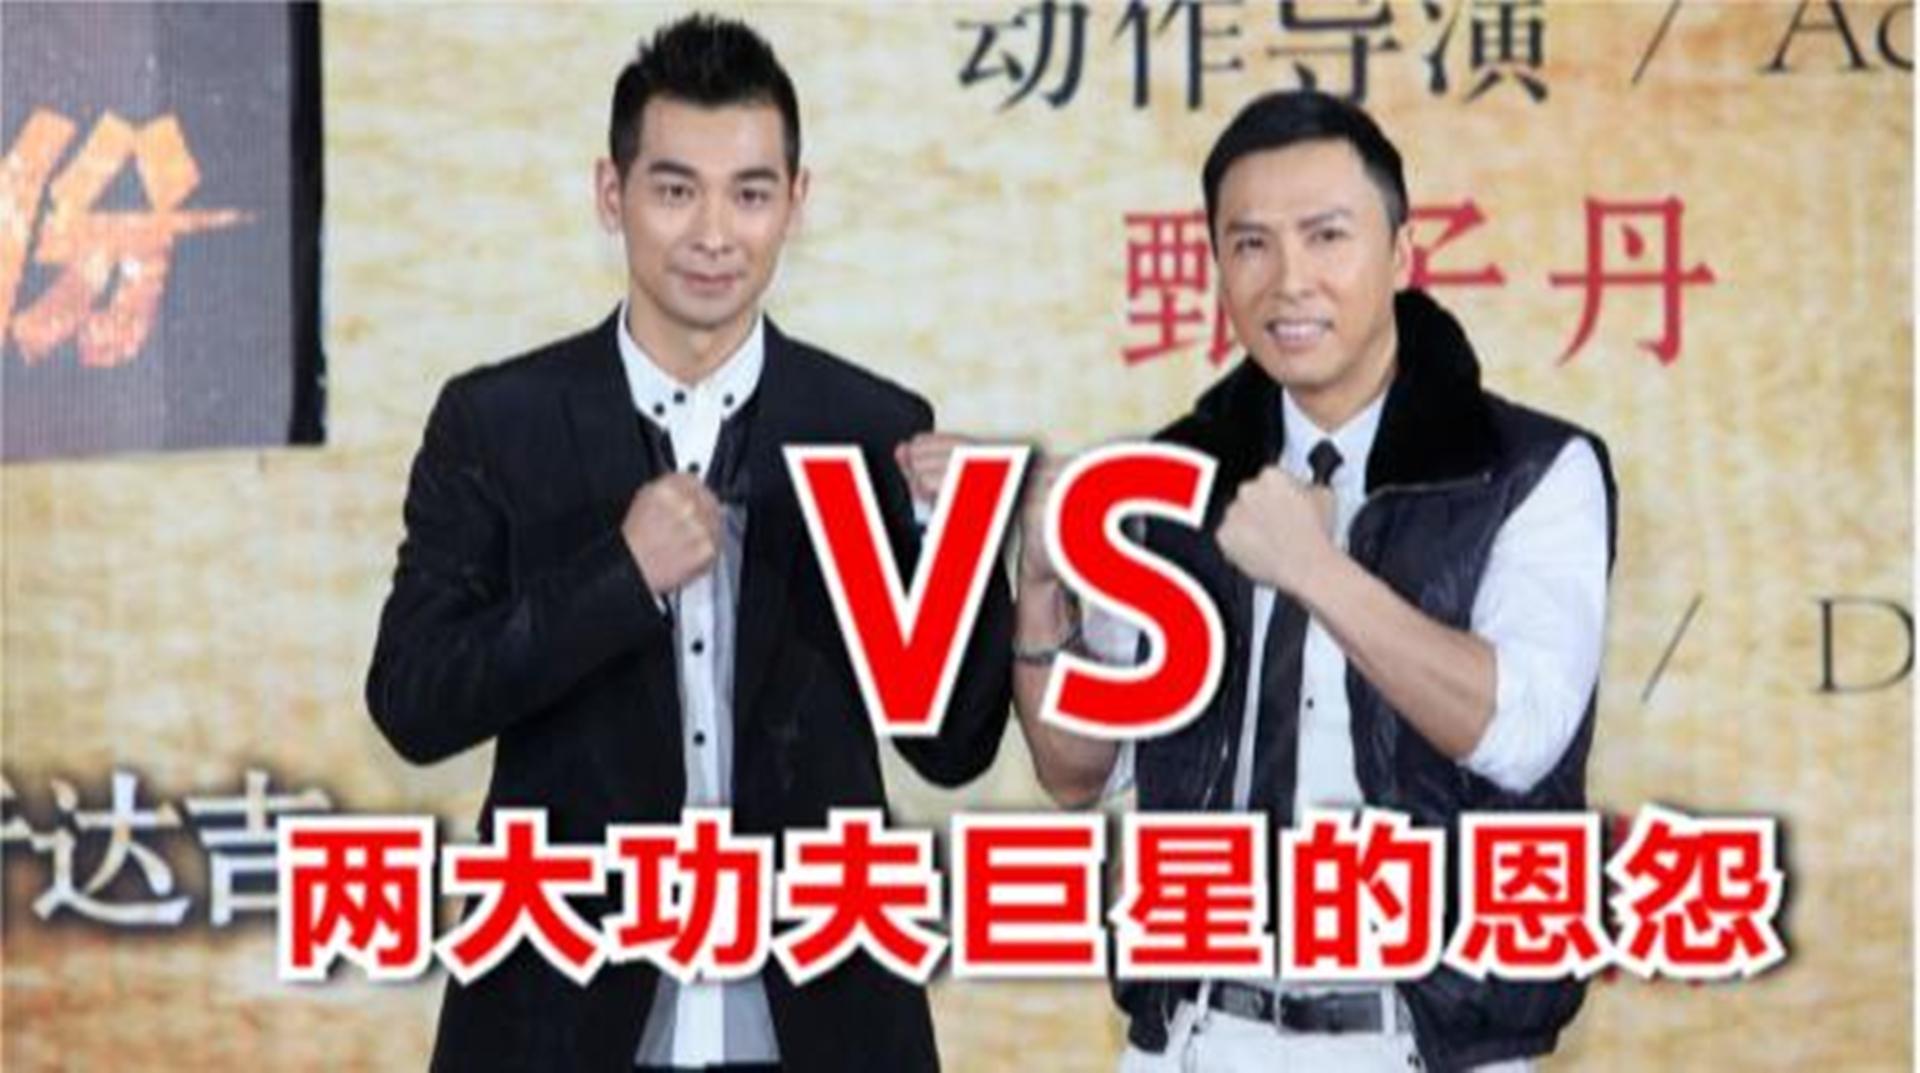 赵文卓和甄子丹,这两个功夫巨星,当年如何撕破脸的?